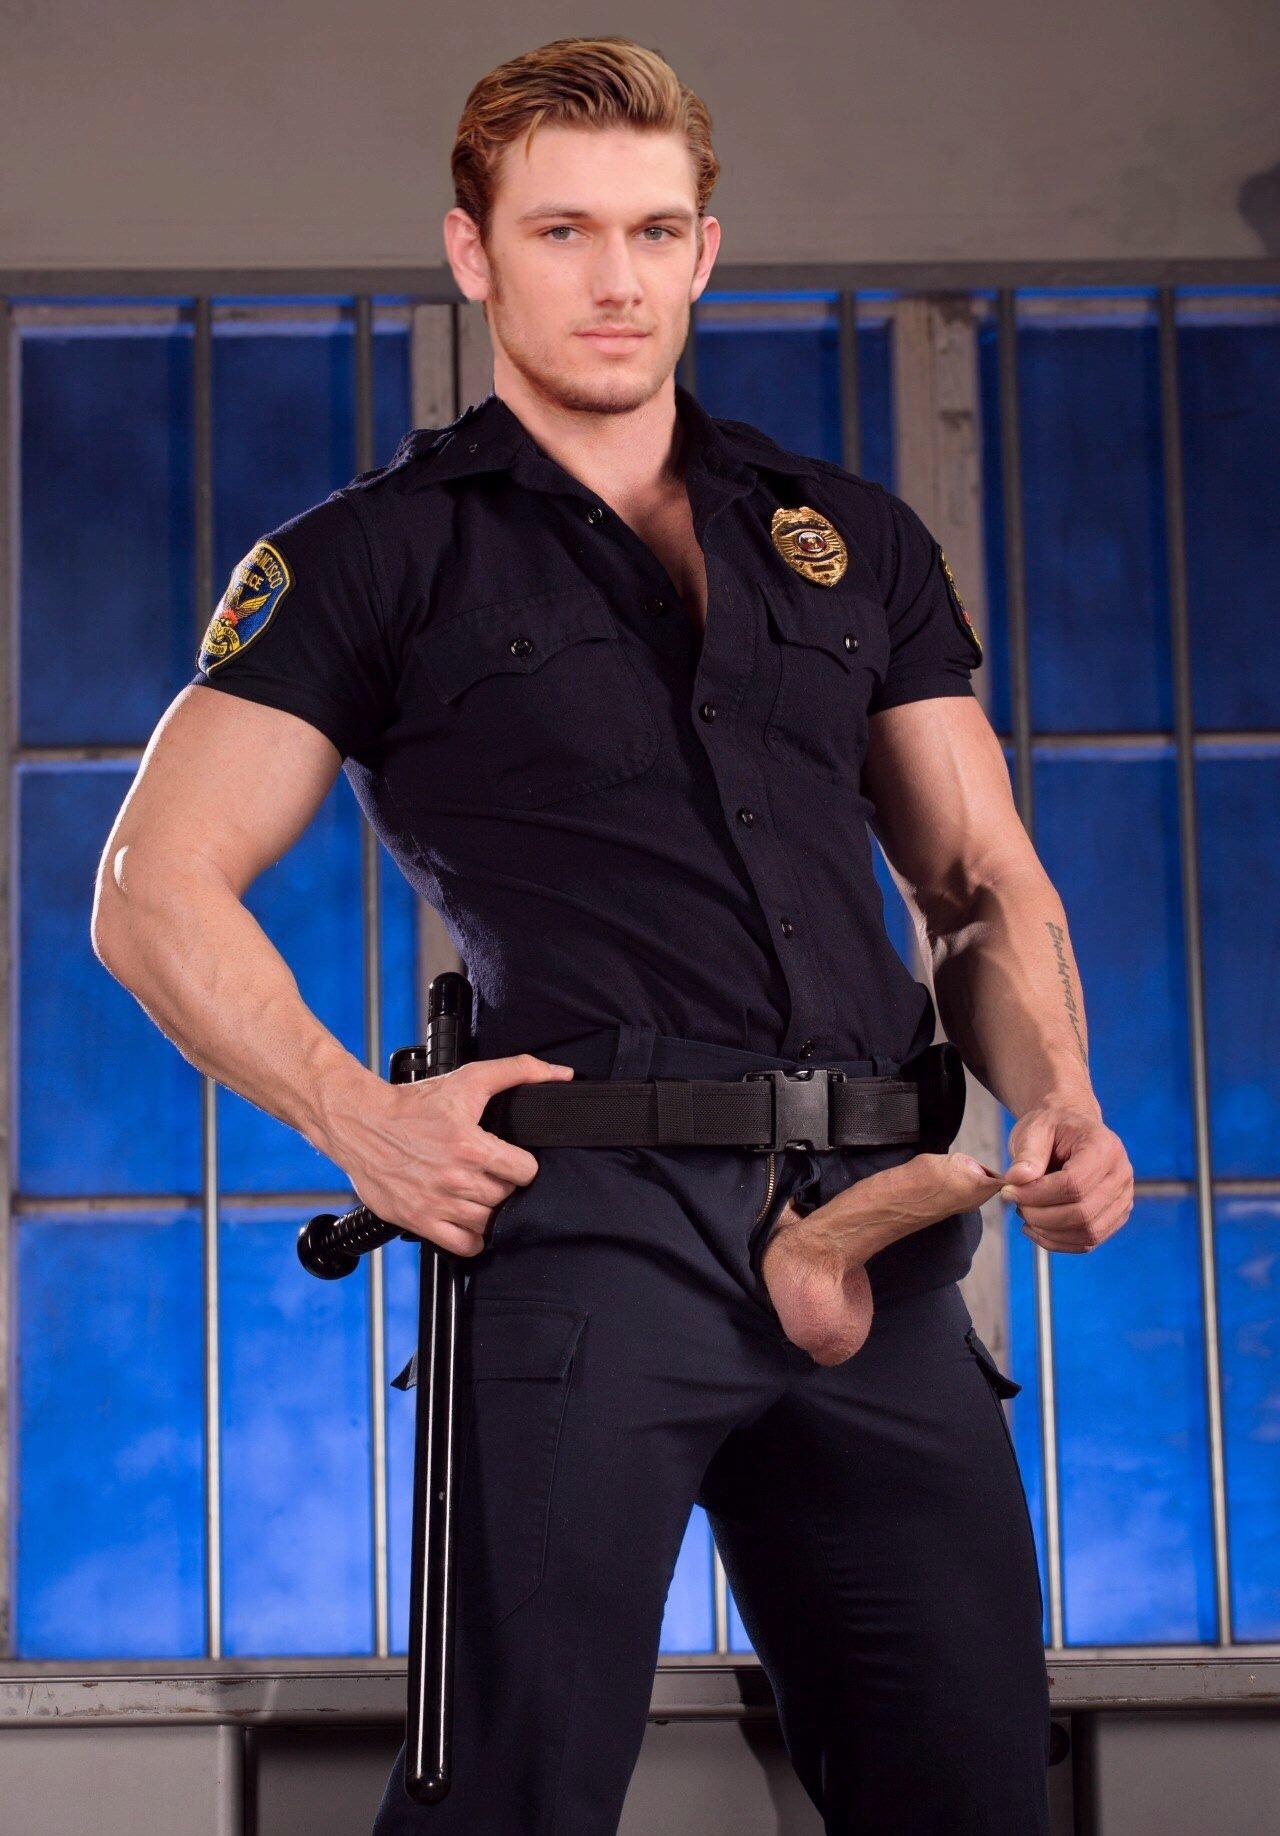 Cop gay police porn